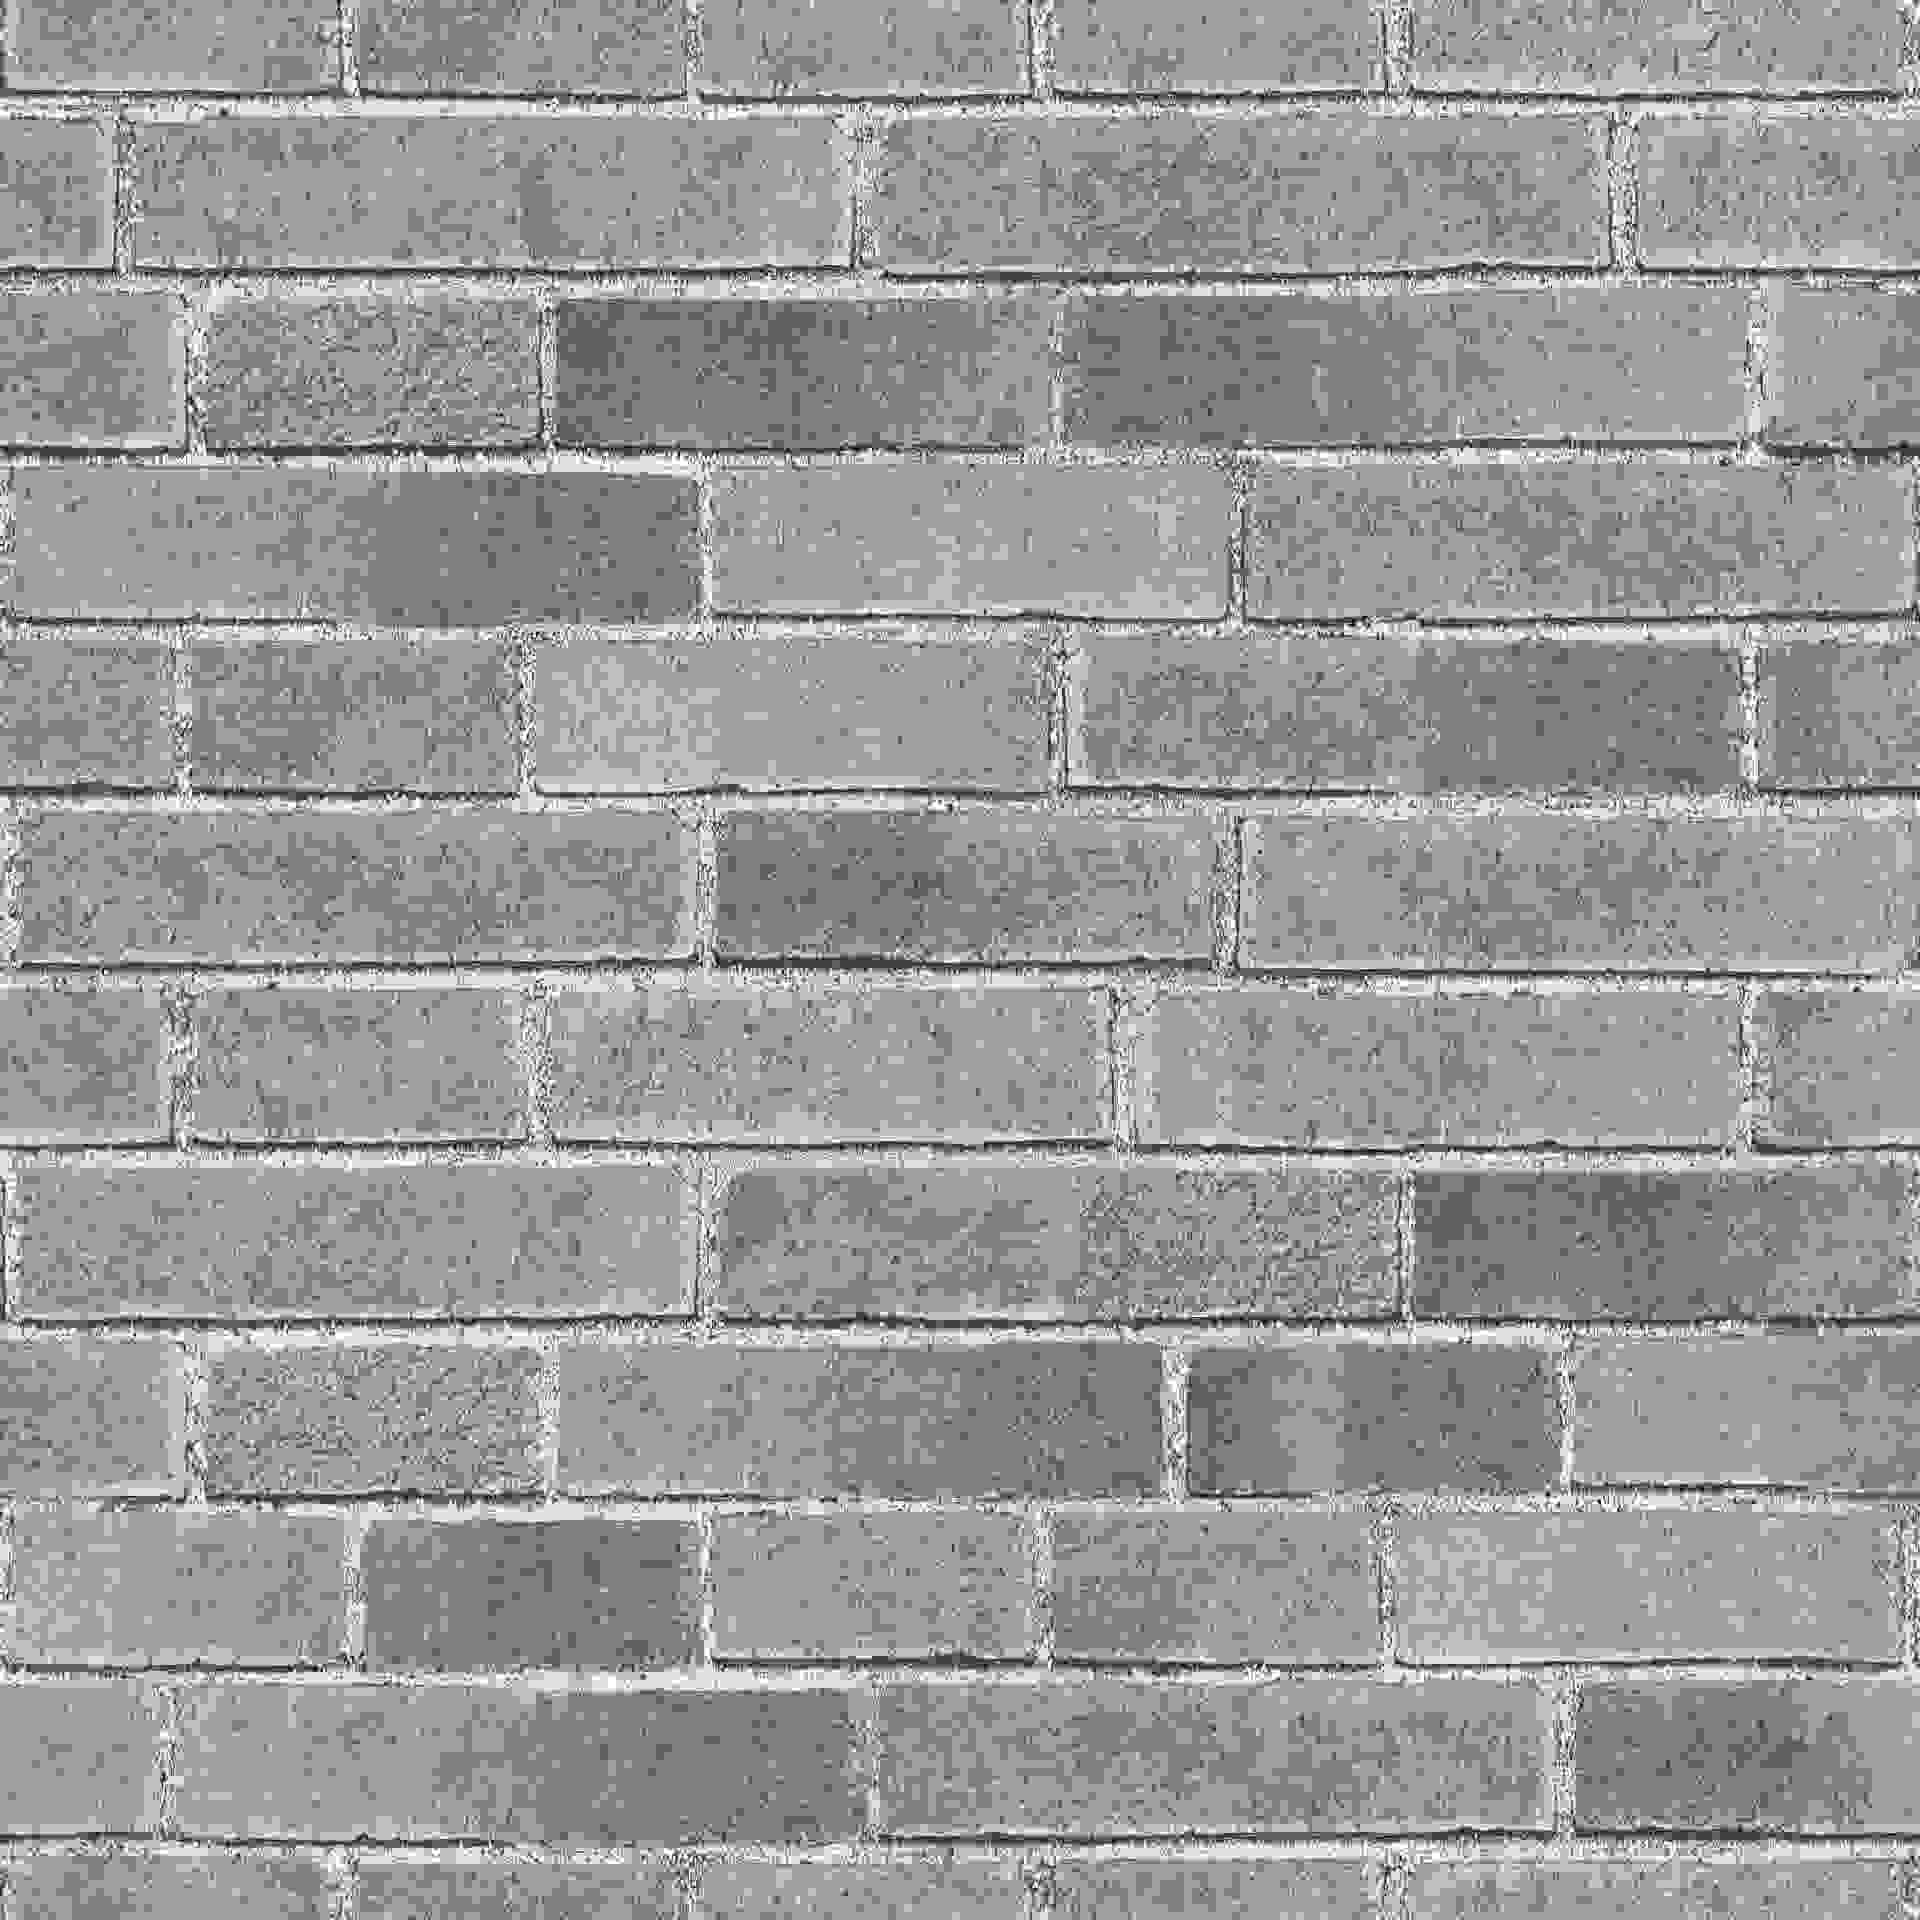 银川仿古砖生产厂家富安隆建材邀您了解仿古砖那些事儿,感受历史的气息!